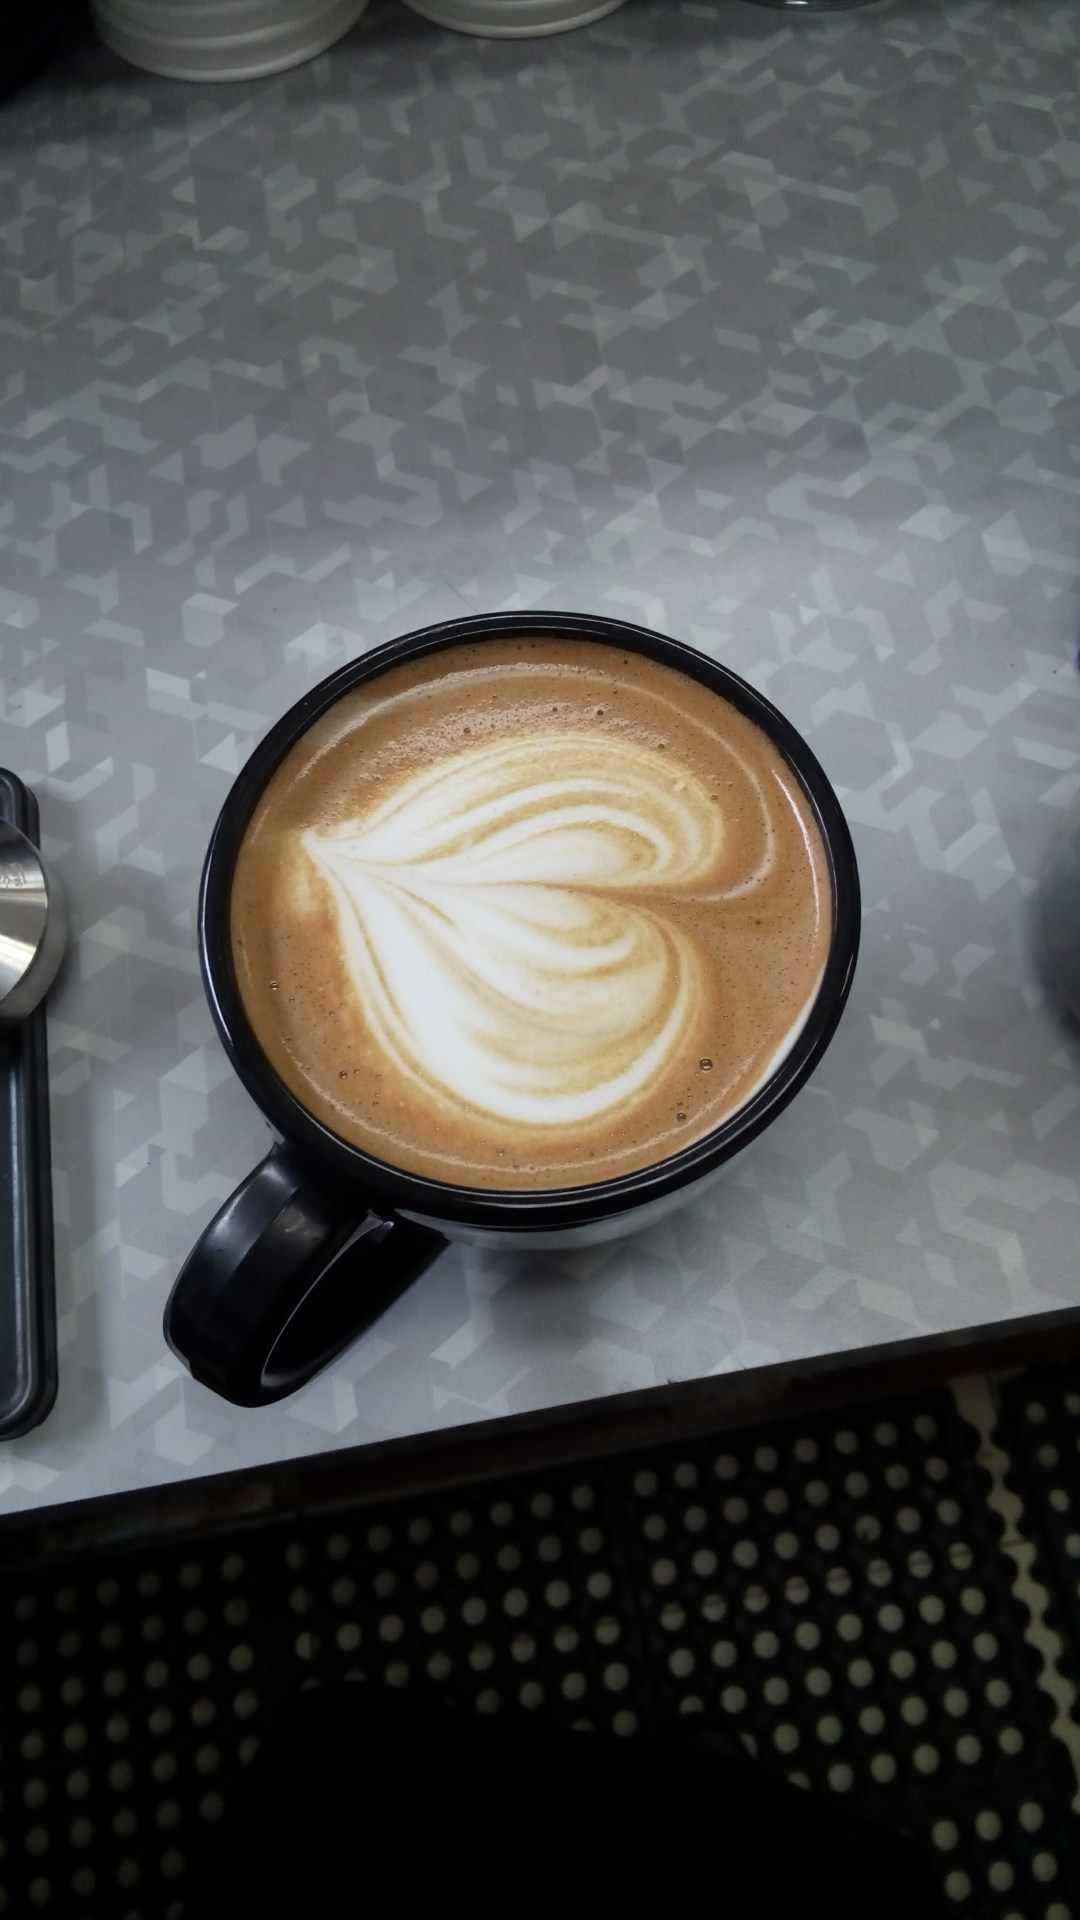 El arte de decorar el café